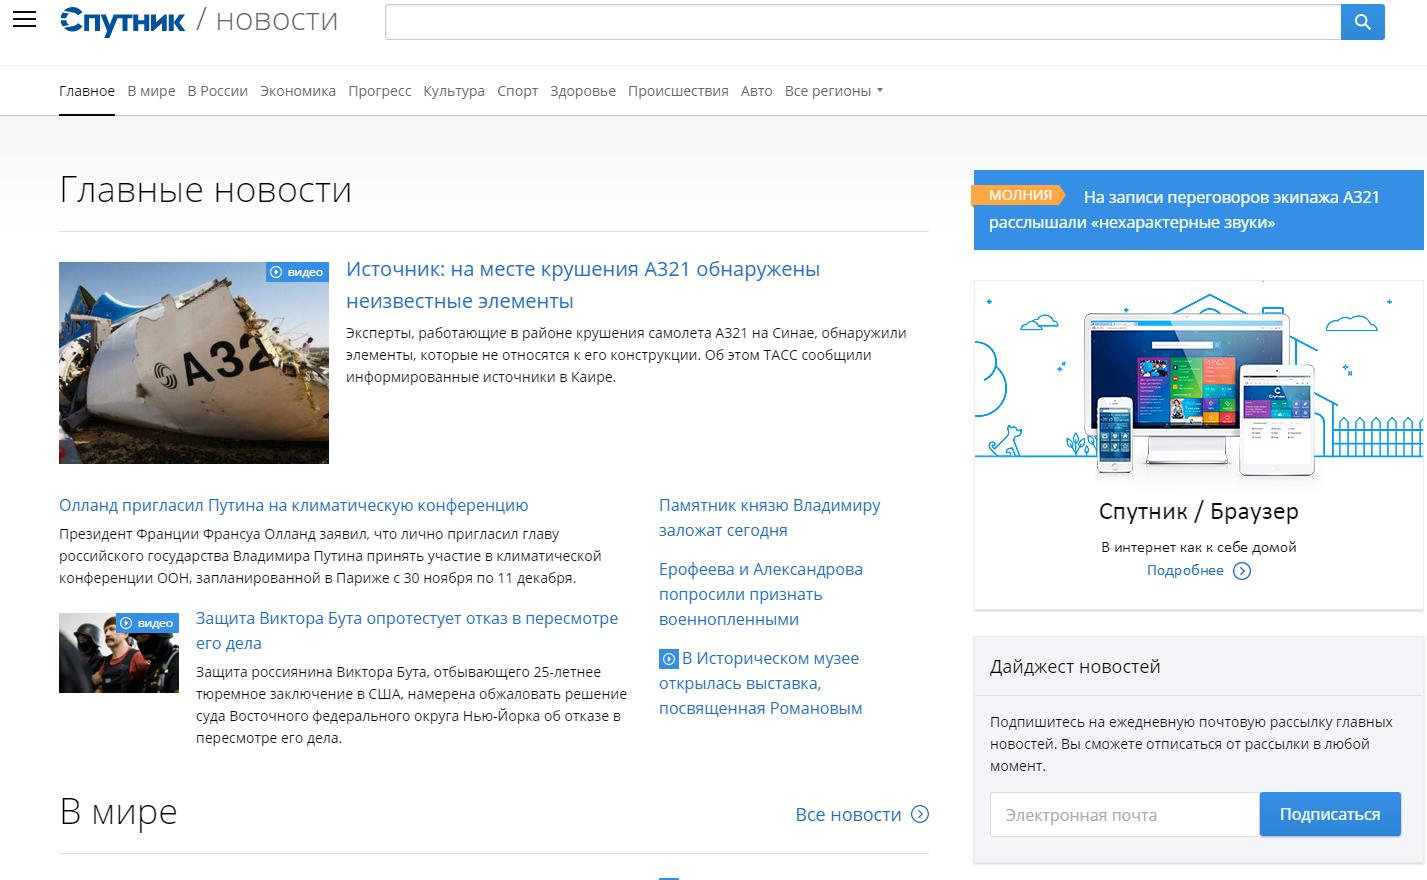 «Новостями» «Спутника» интересуется треть посетителей - 2